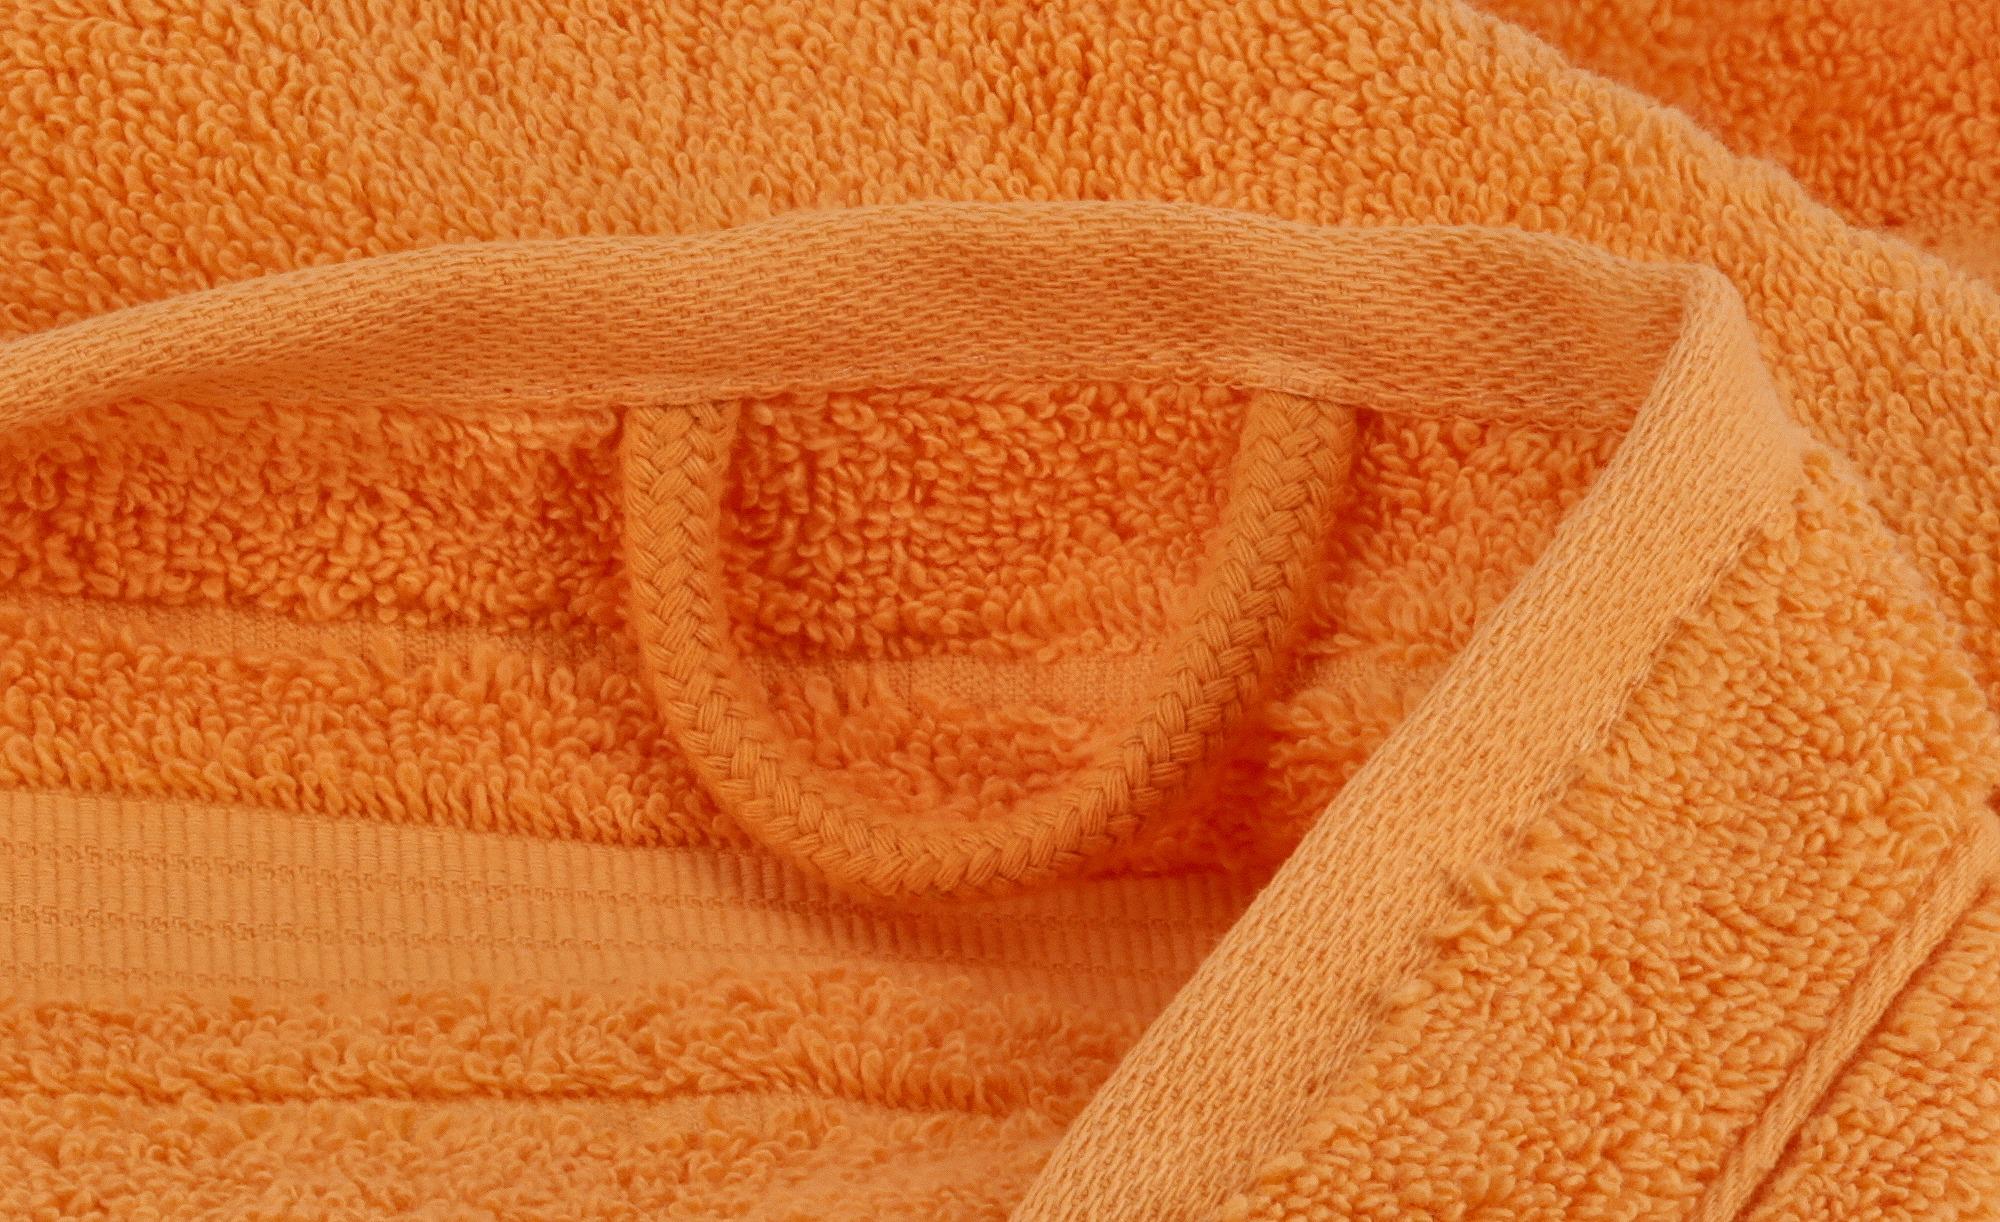 VOSSEN Duschtuch  Soft Dreams ¦ gelb ¦ 100% Baumwolle ¦ Maße (cm): B: 67 Badtextilien und Zubehör > Handtücher & Badetücher > Duschtücher - Höffner